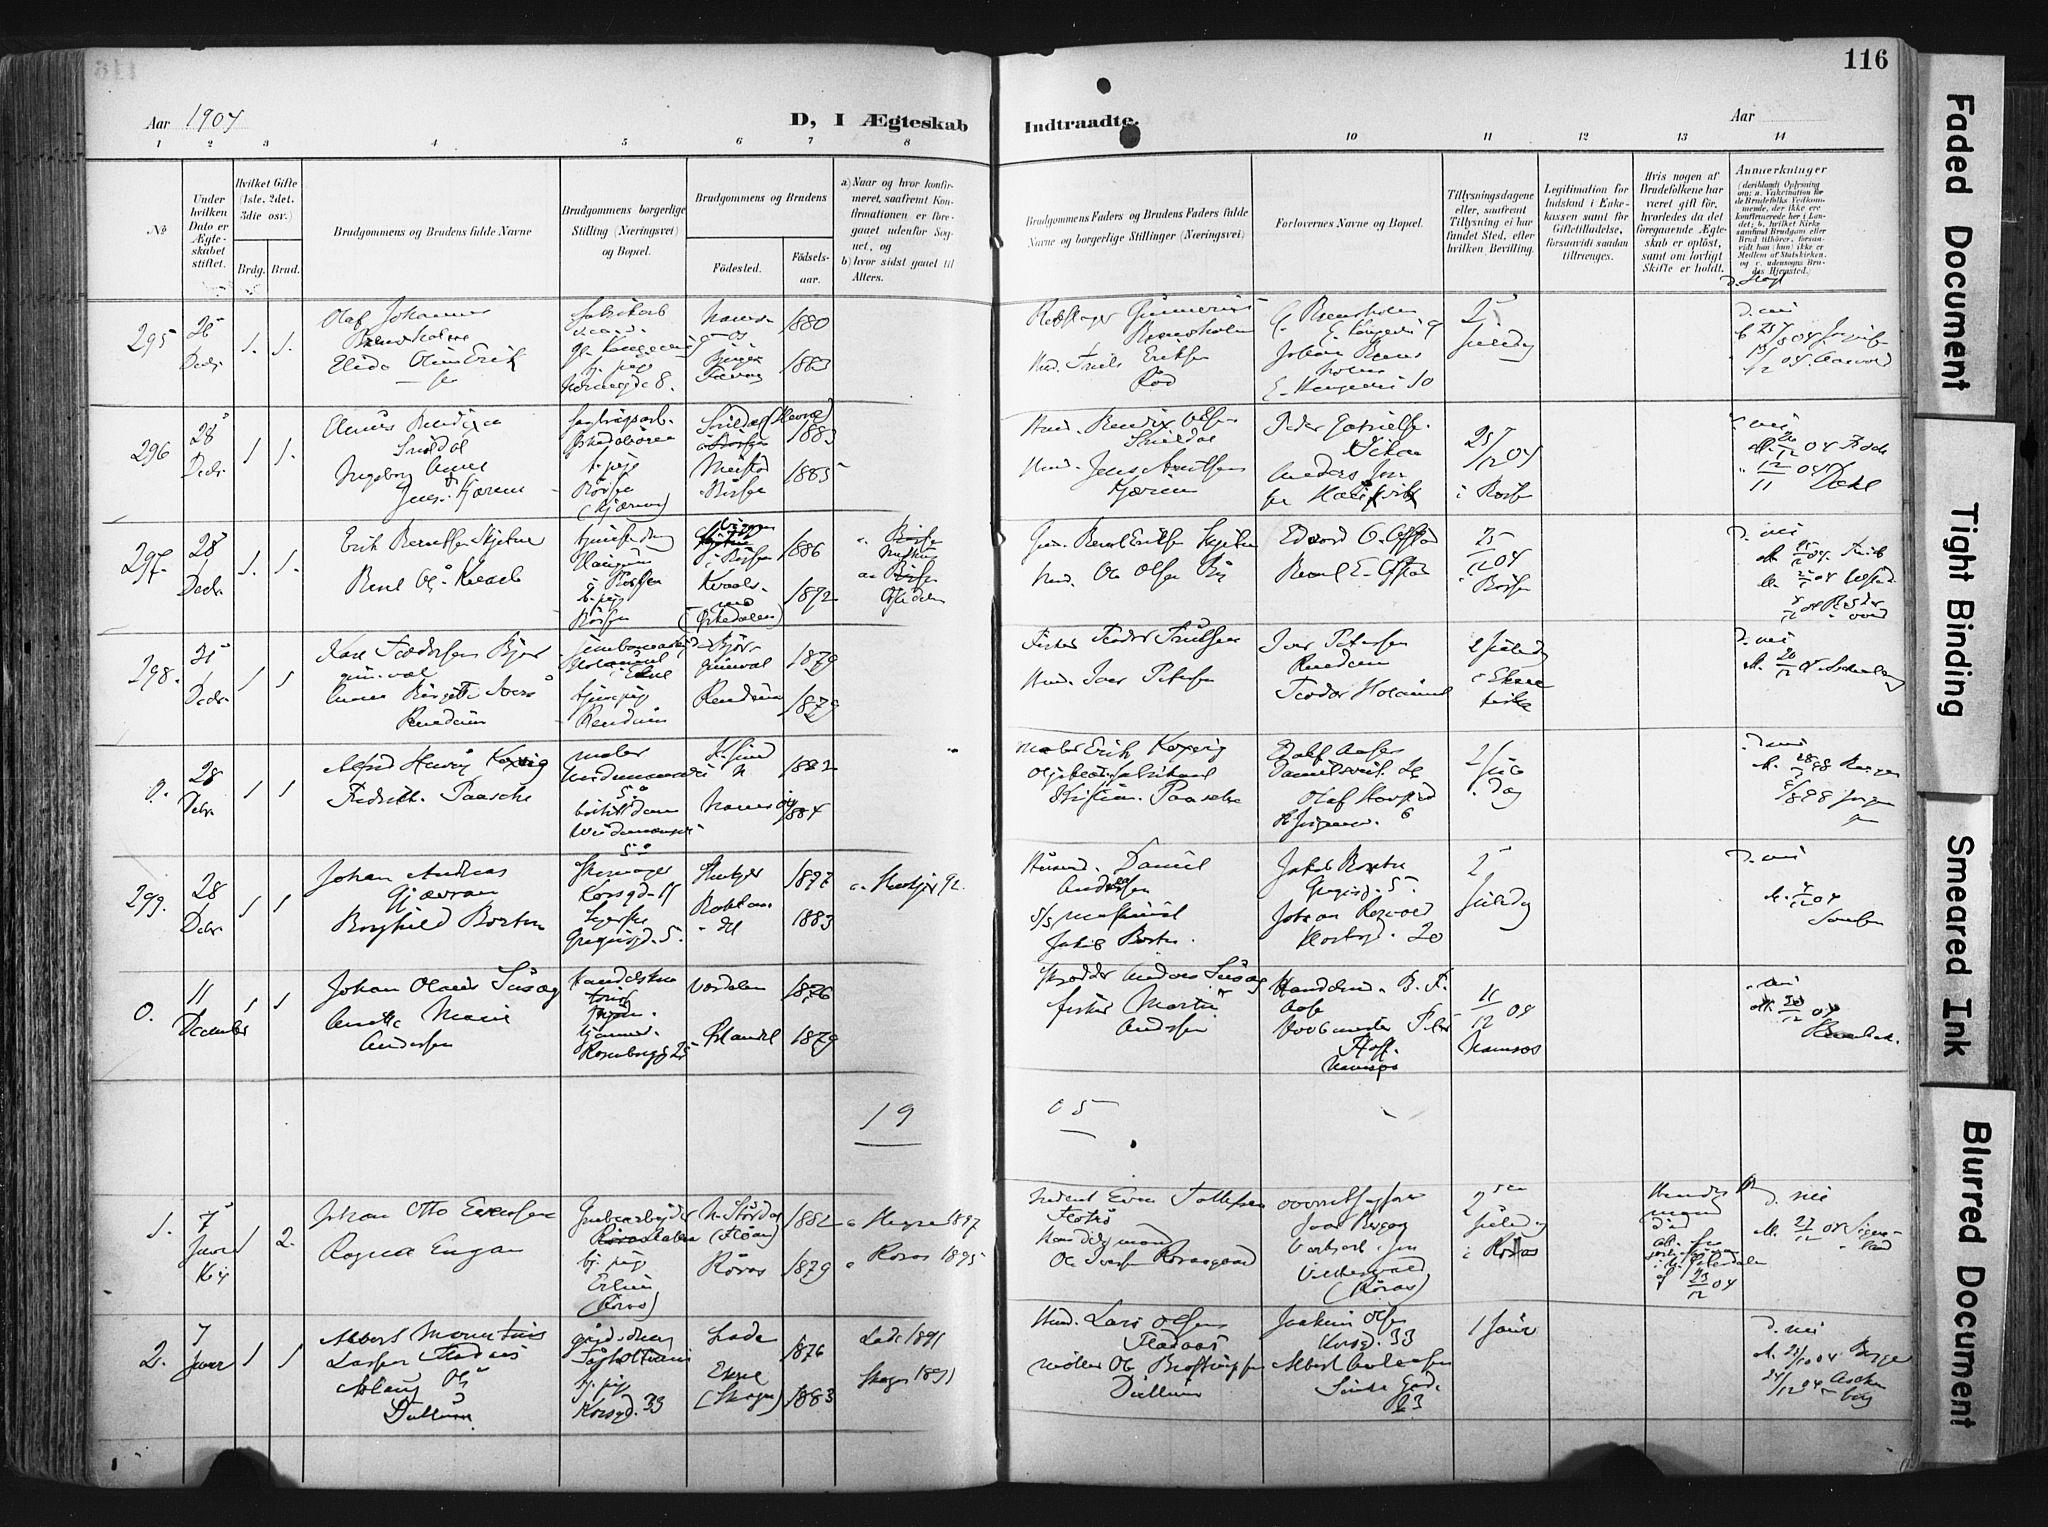 SAT, Ministerialprotokoller, klokkerbøker og fødselsregistre - Sør-Trøndelag, 604/L0201: Ministerialbok nr. 604A21, 1901-1911, s. 116